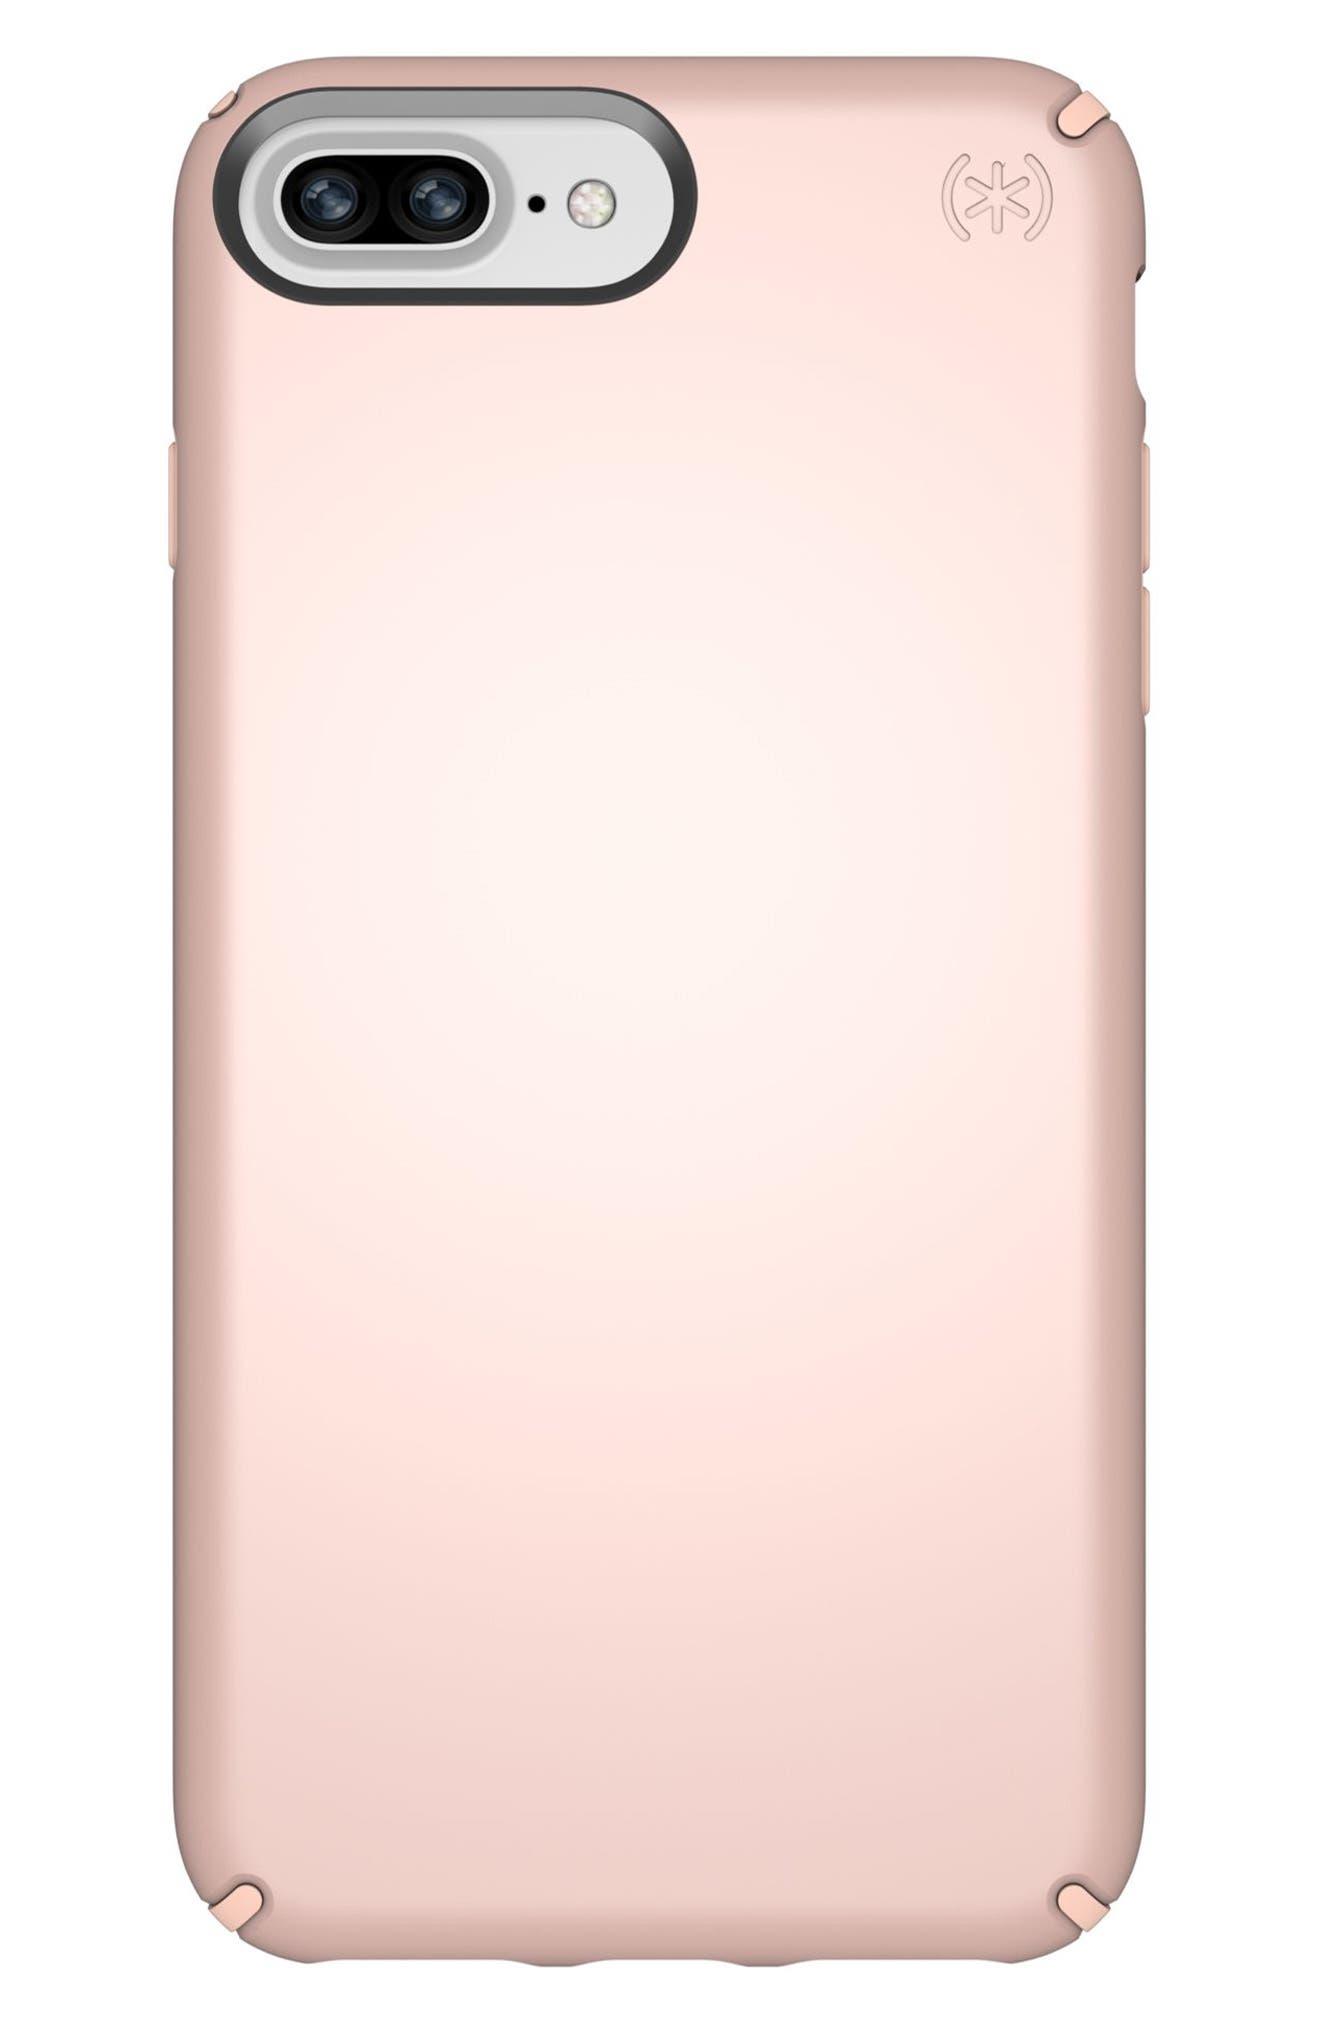 Main Image - Speck iPhone 6/6s/7/8 Plus Case